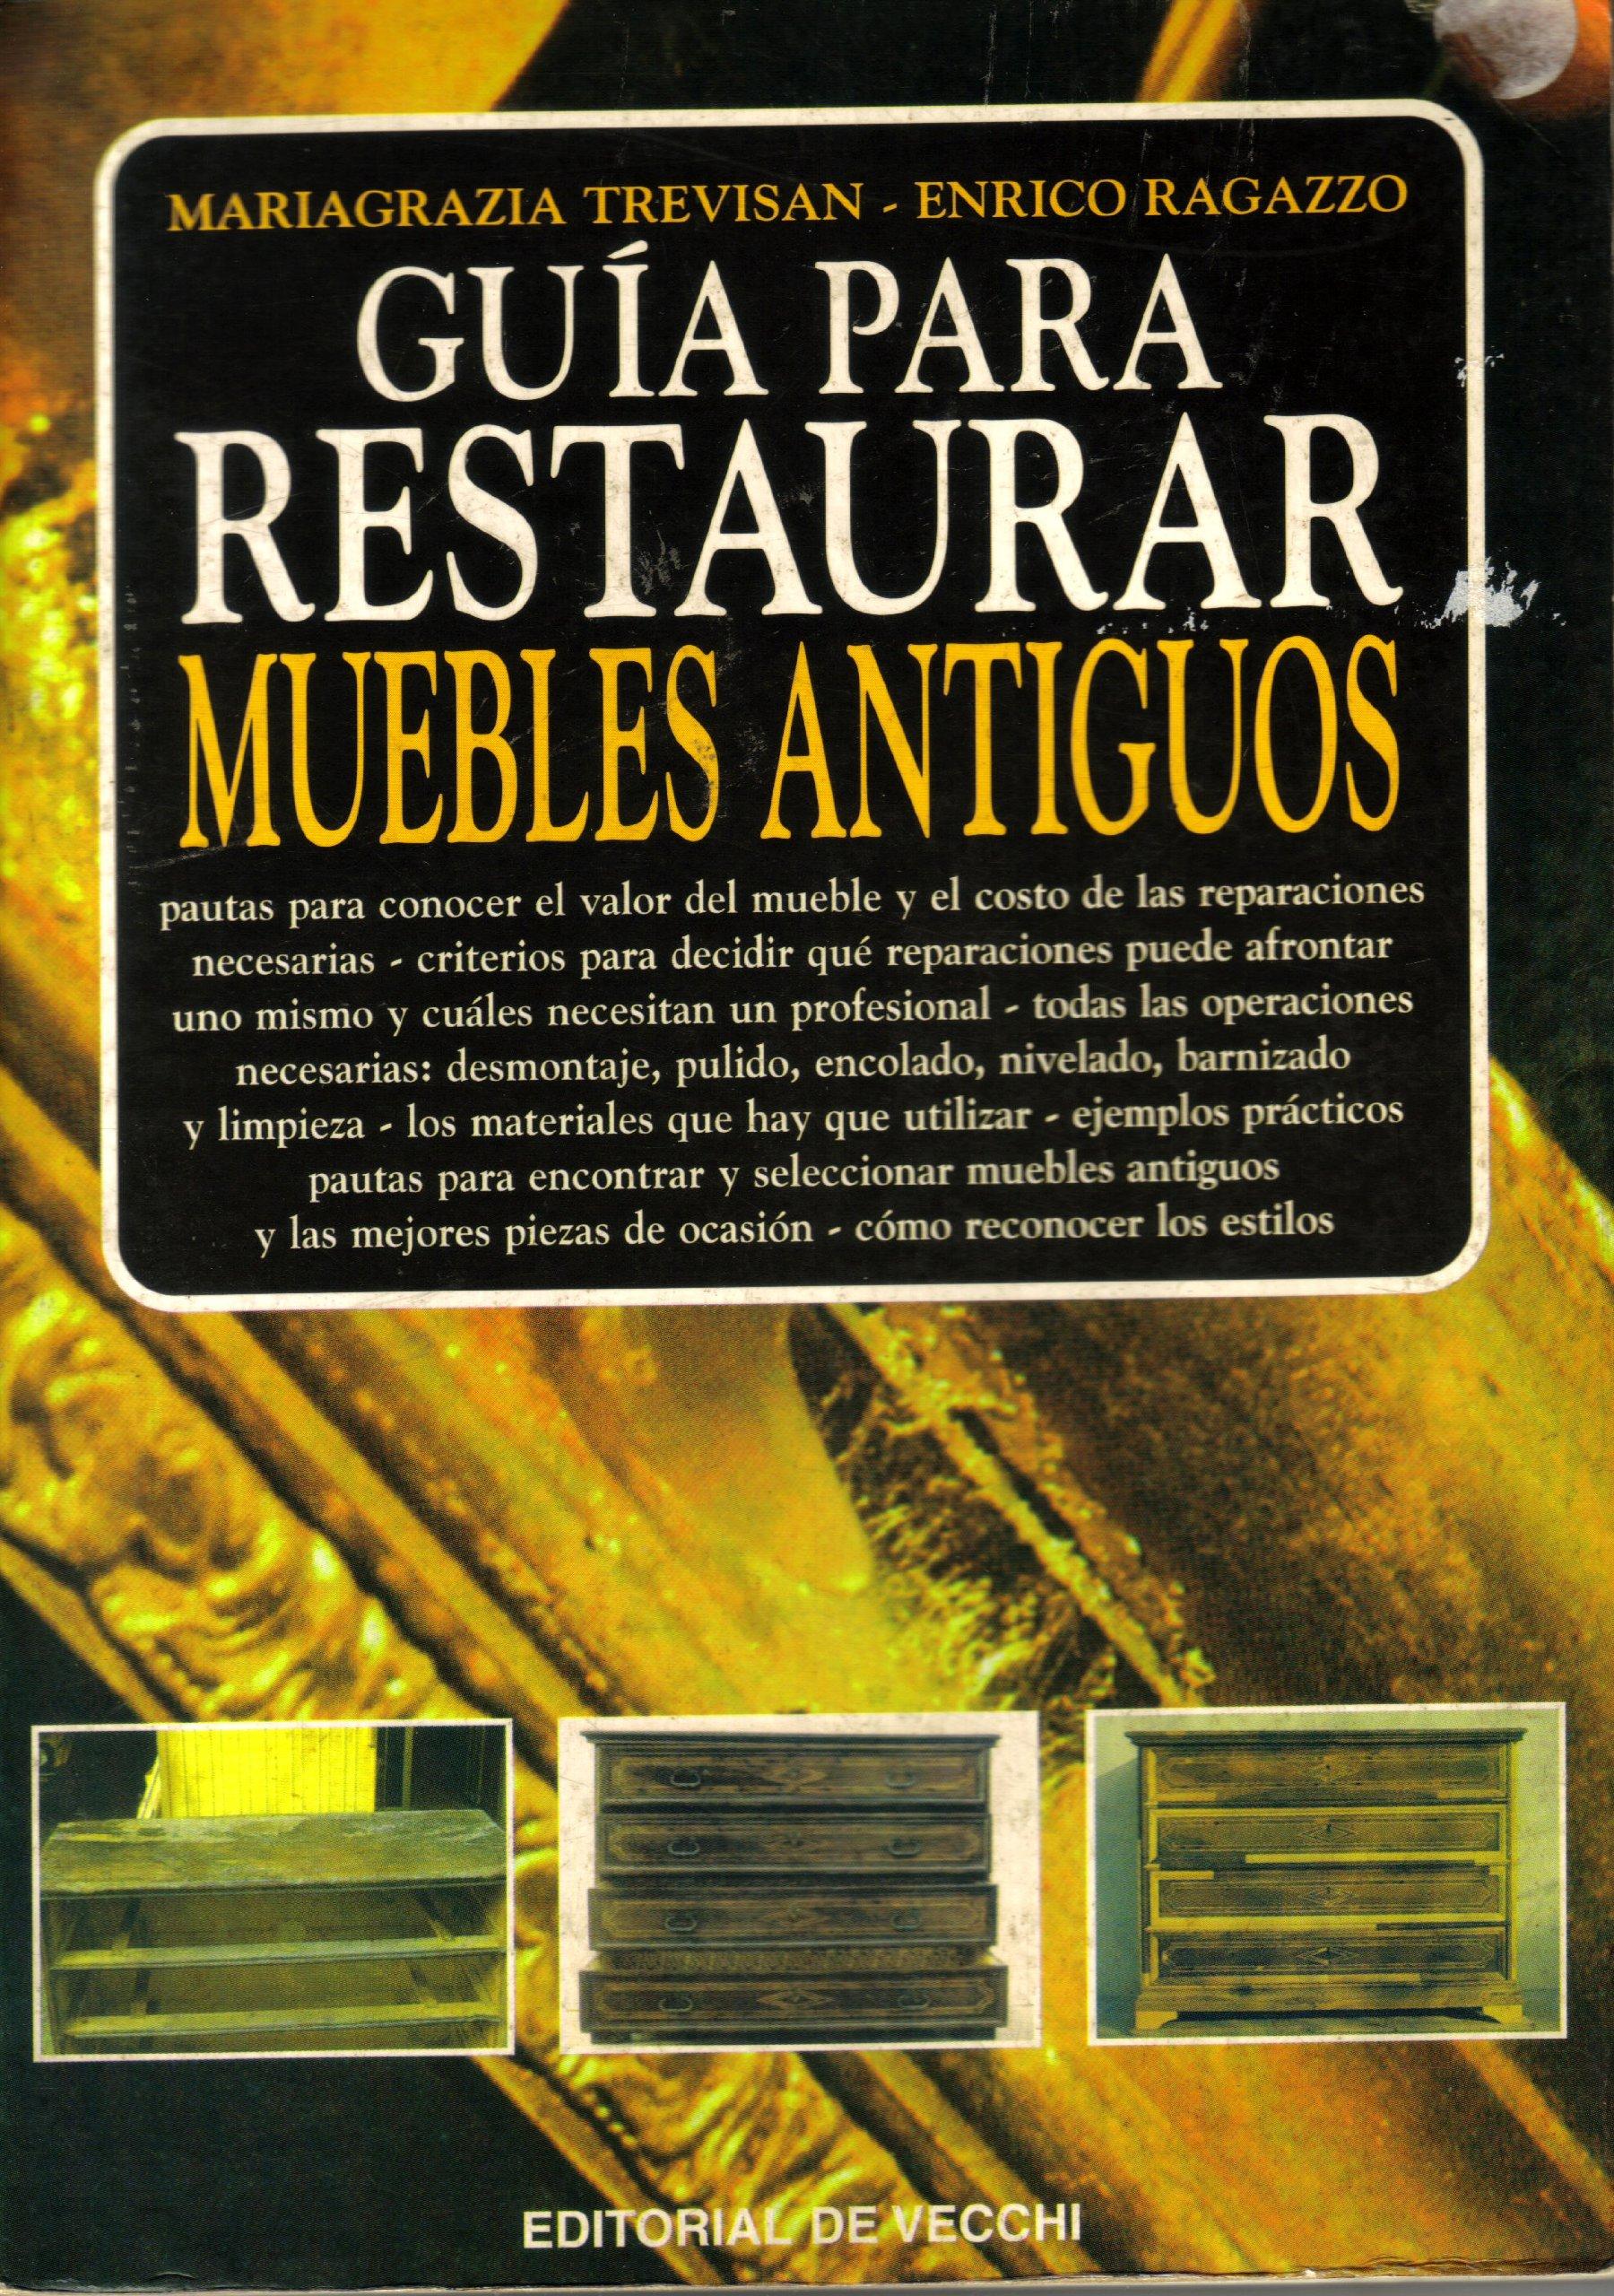 Guia para restaurar muebles antiguos: Amazon.es: Enrico ...